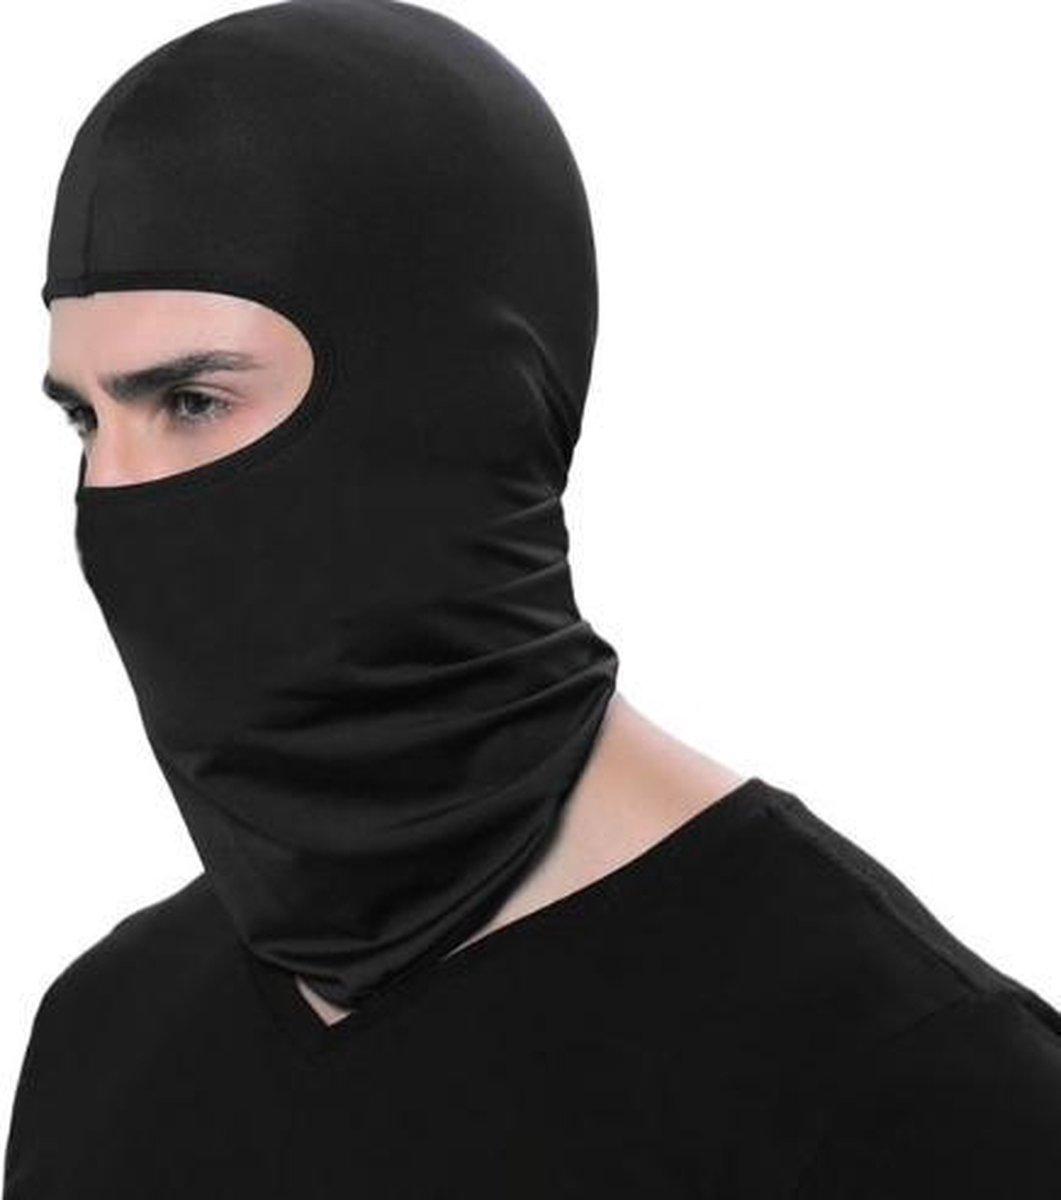 Bivakmuts Balaclava - Zwart - Bivak Muts Nekwarmer - One Size/Unisex  - Gezichtsmasker voor o.a.  Sk